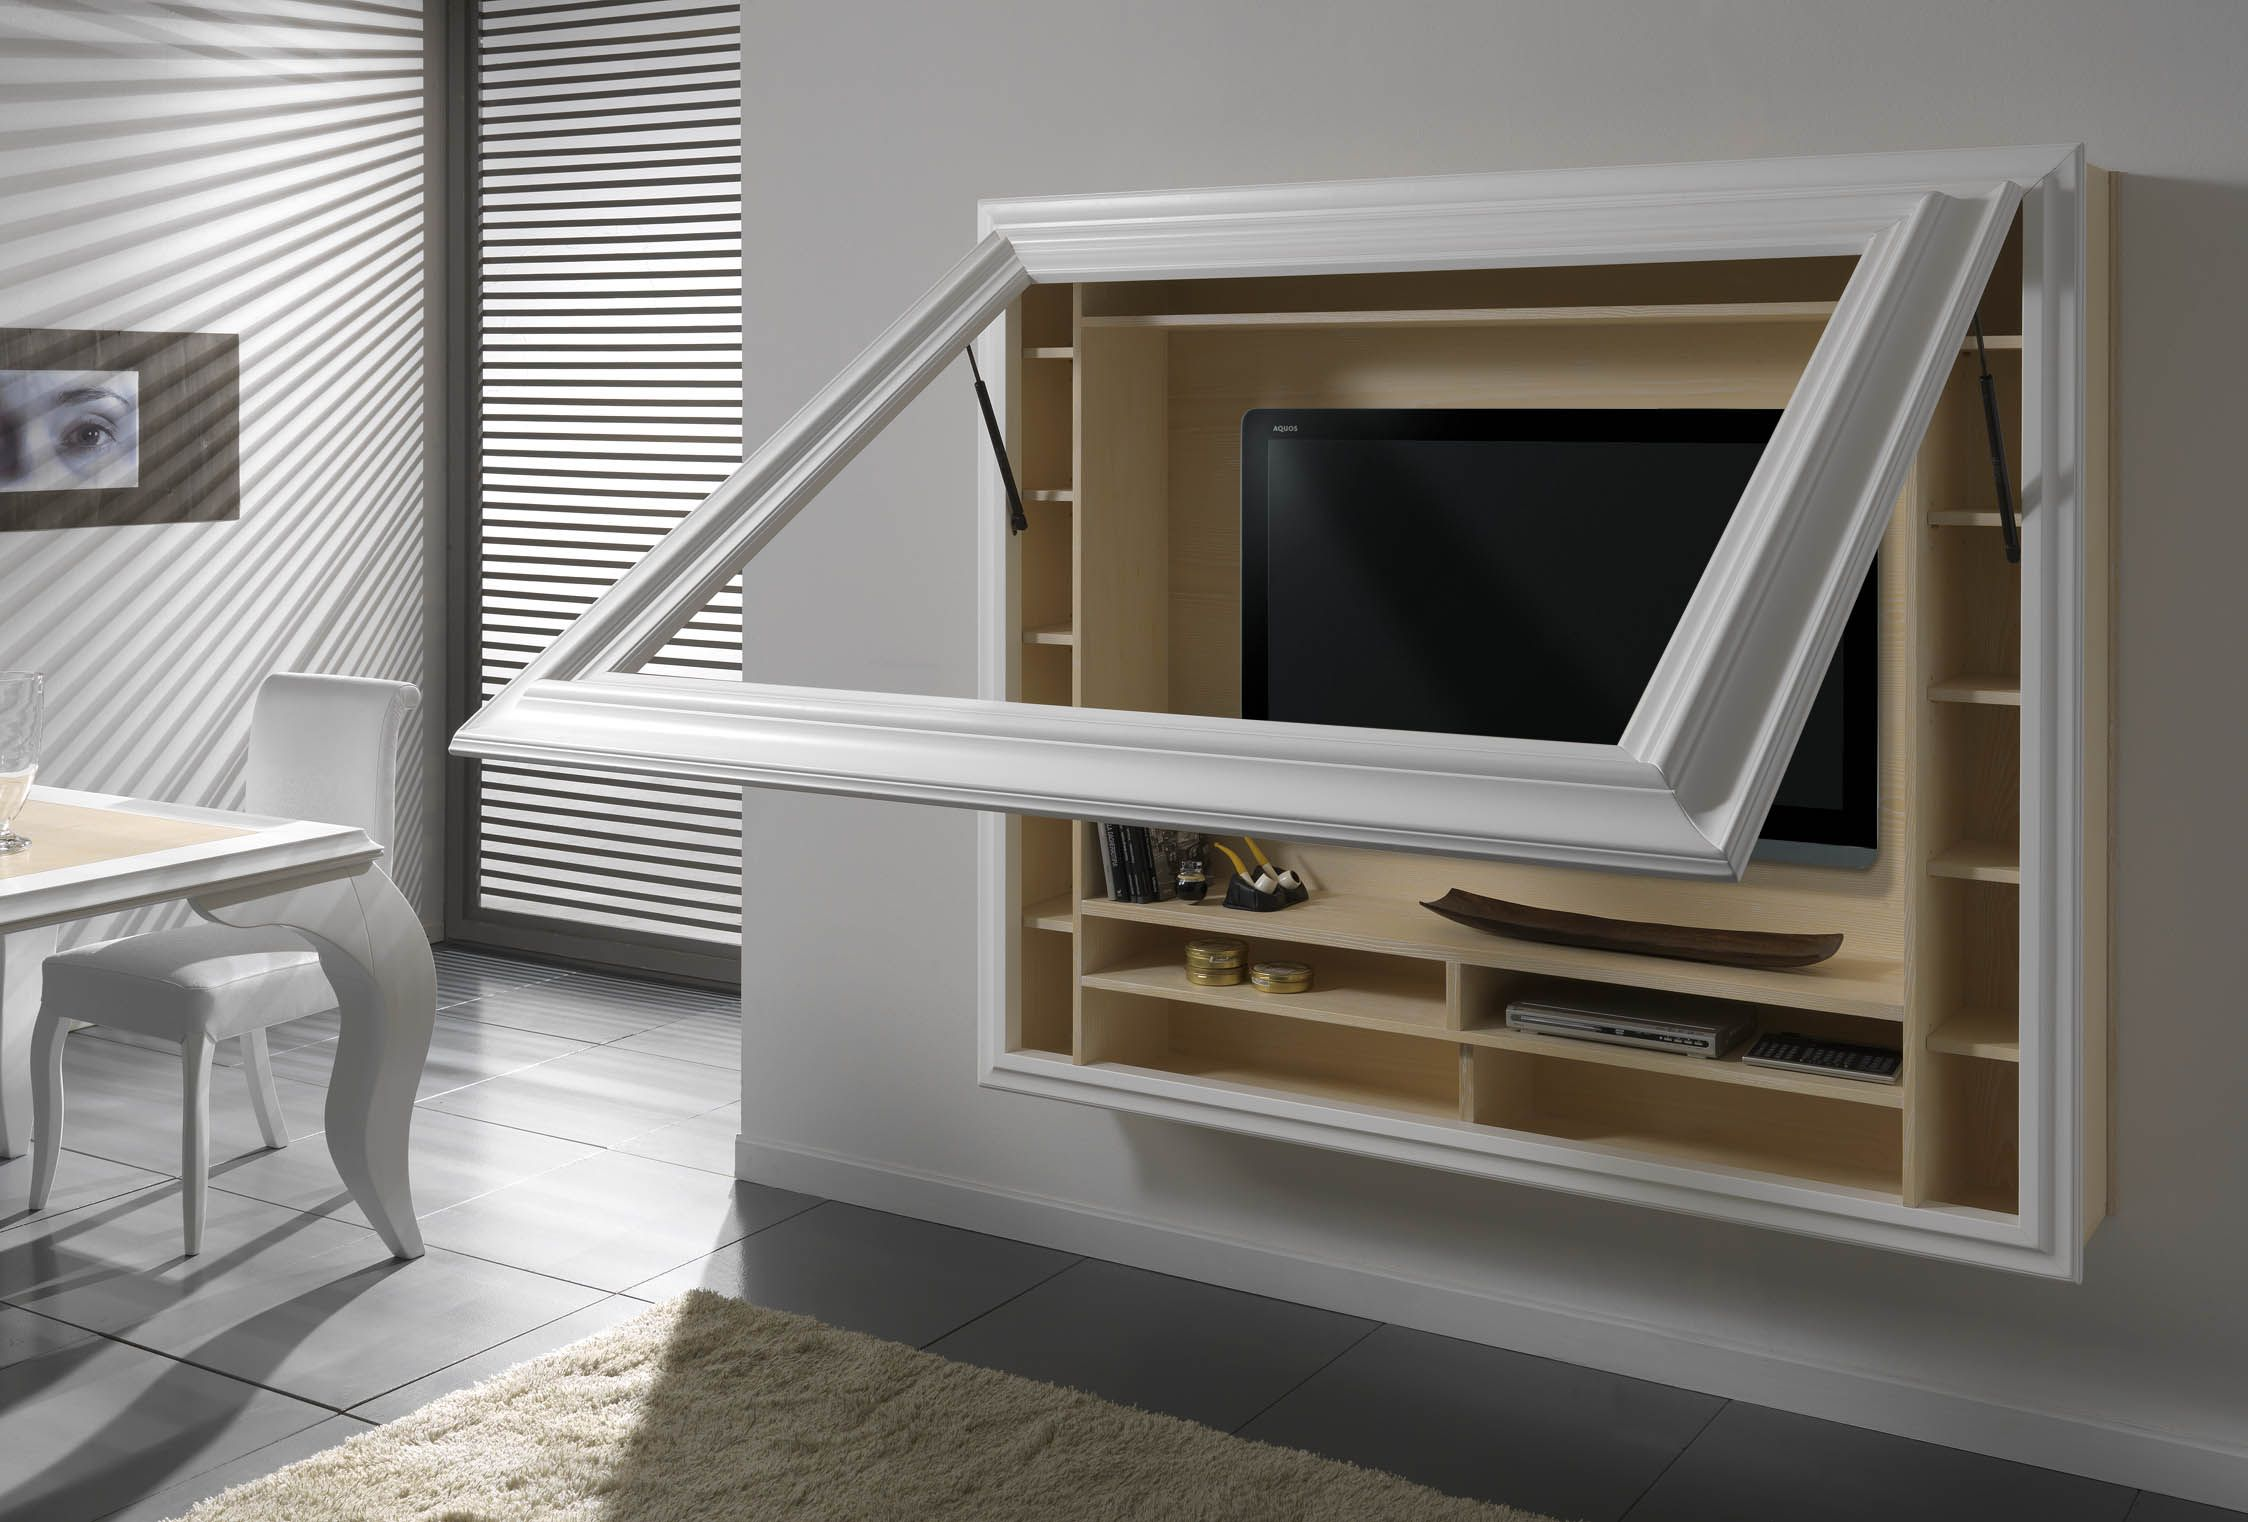 Porta tv sospeso con cornice apribile Tv a muro, Porta